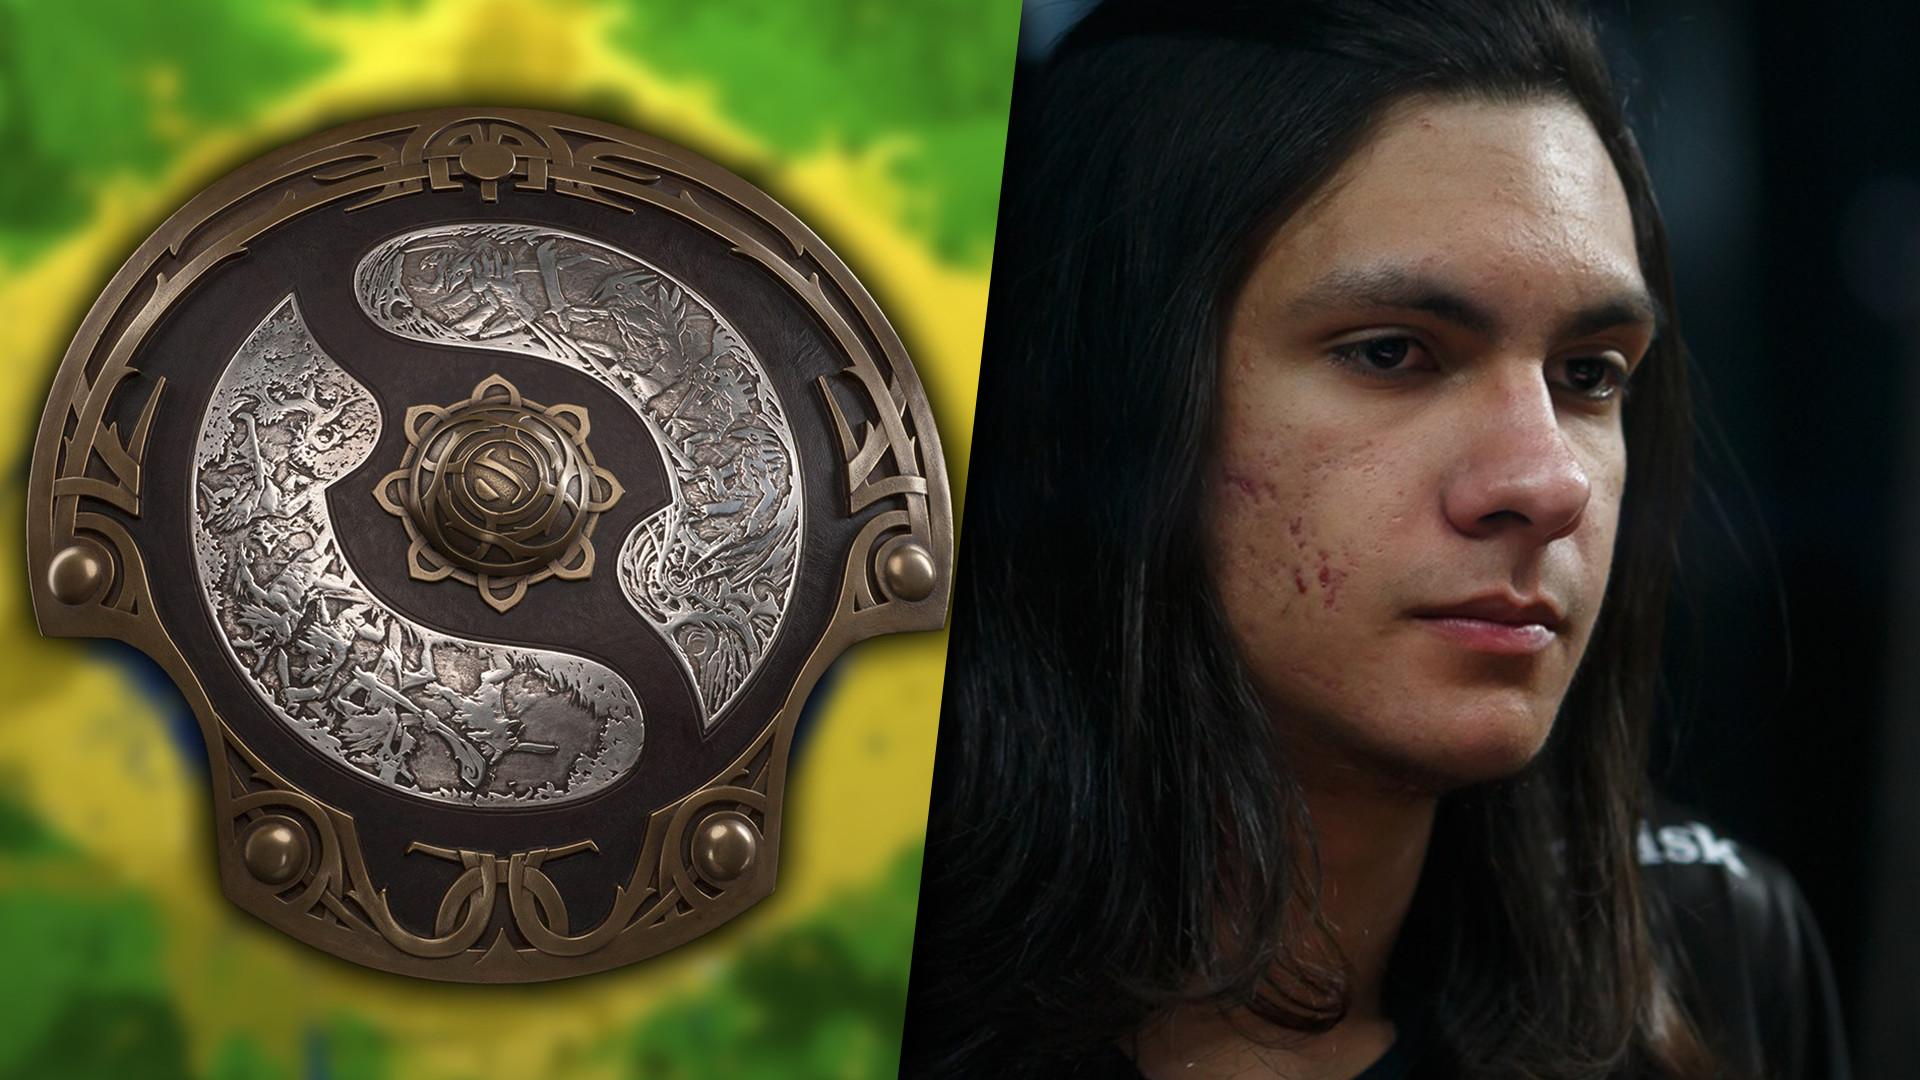 The International brasileiros Duster